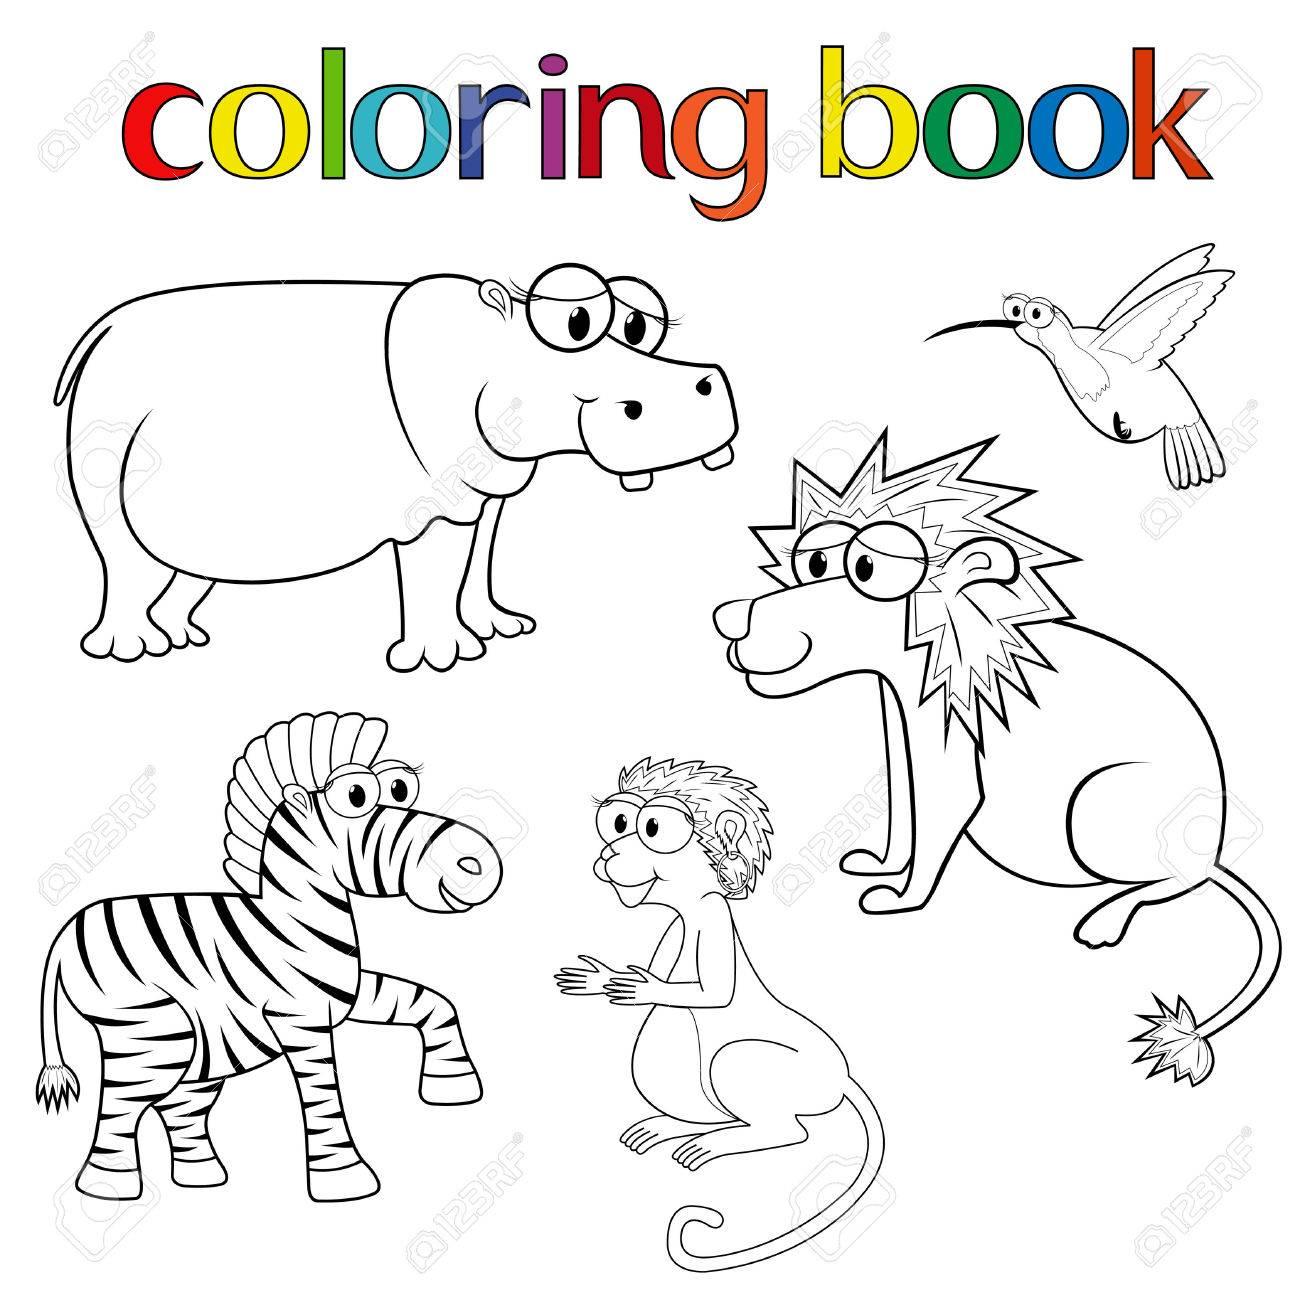 Kit Di Animali Per Libro Da Colorare Con Ippopotami Leoni Zebre Colibrì E La Scimmia Cartoon Illustrazione Vettoriale